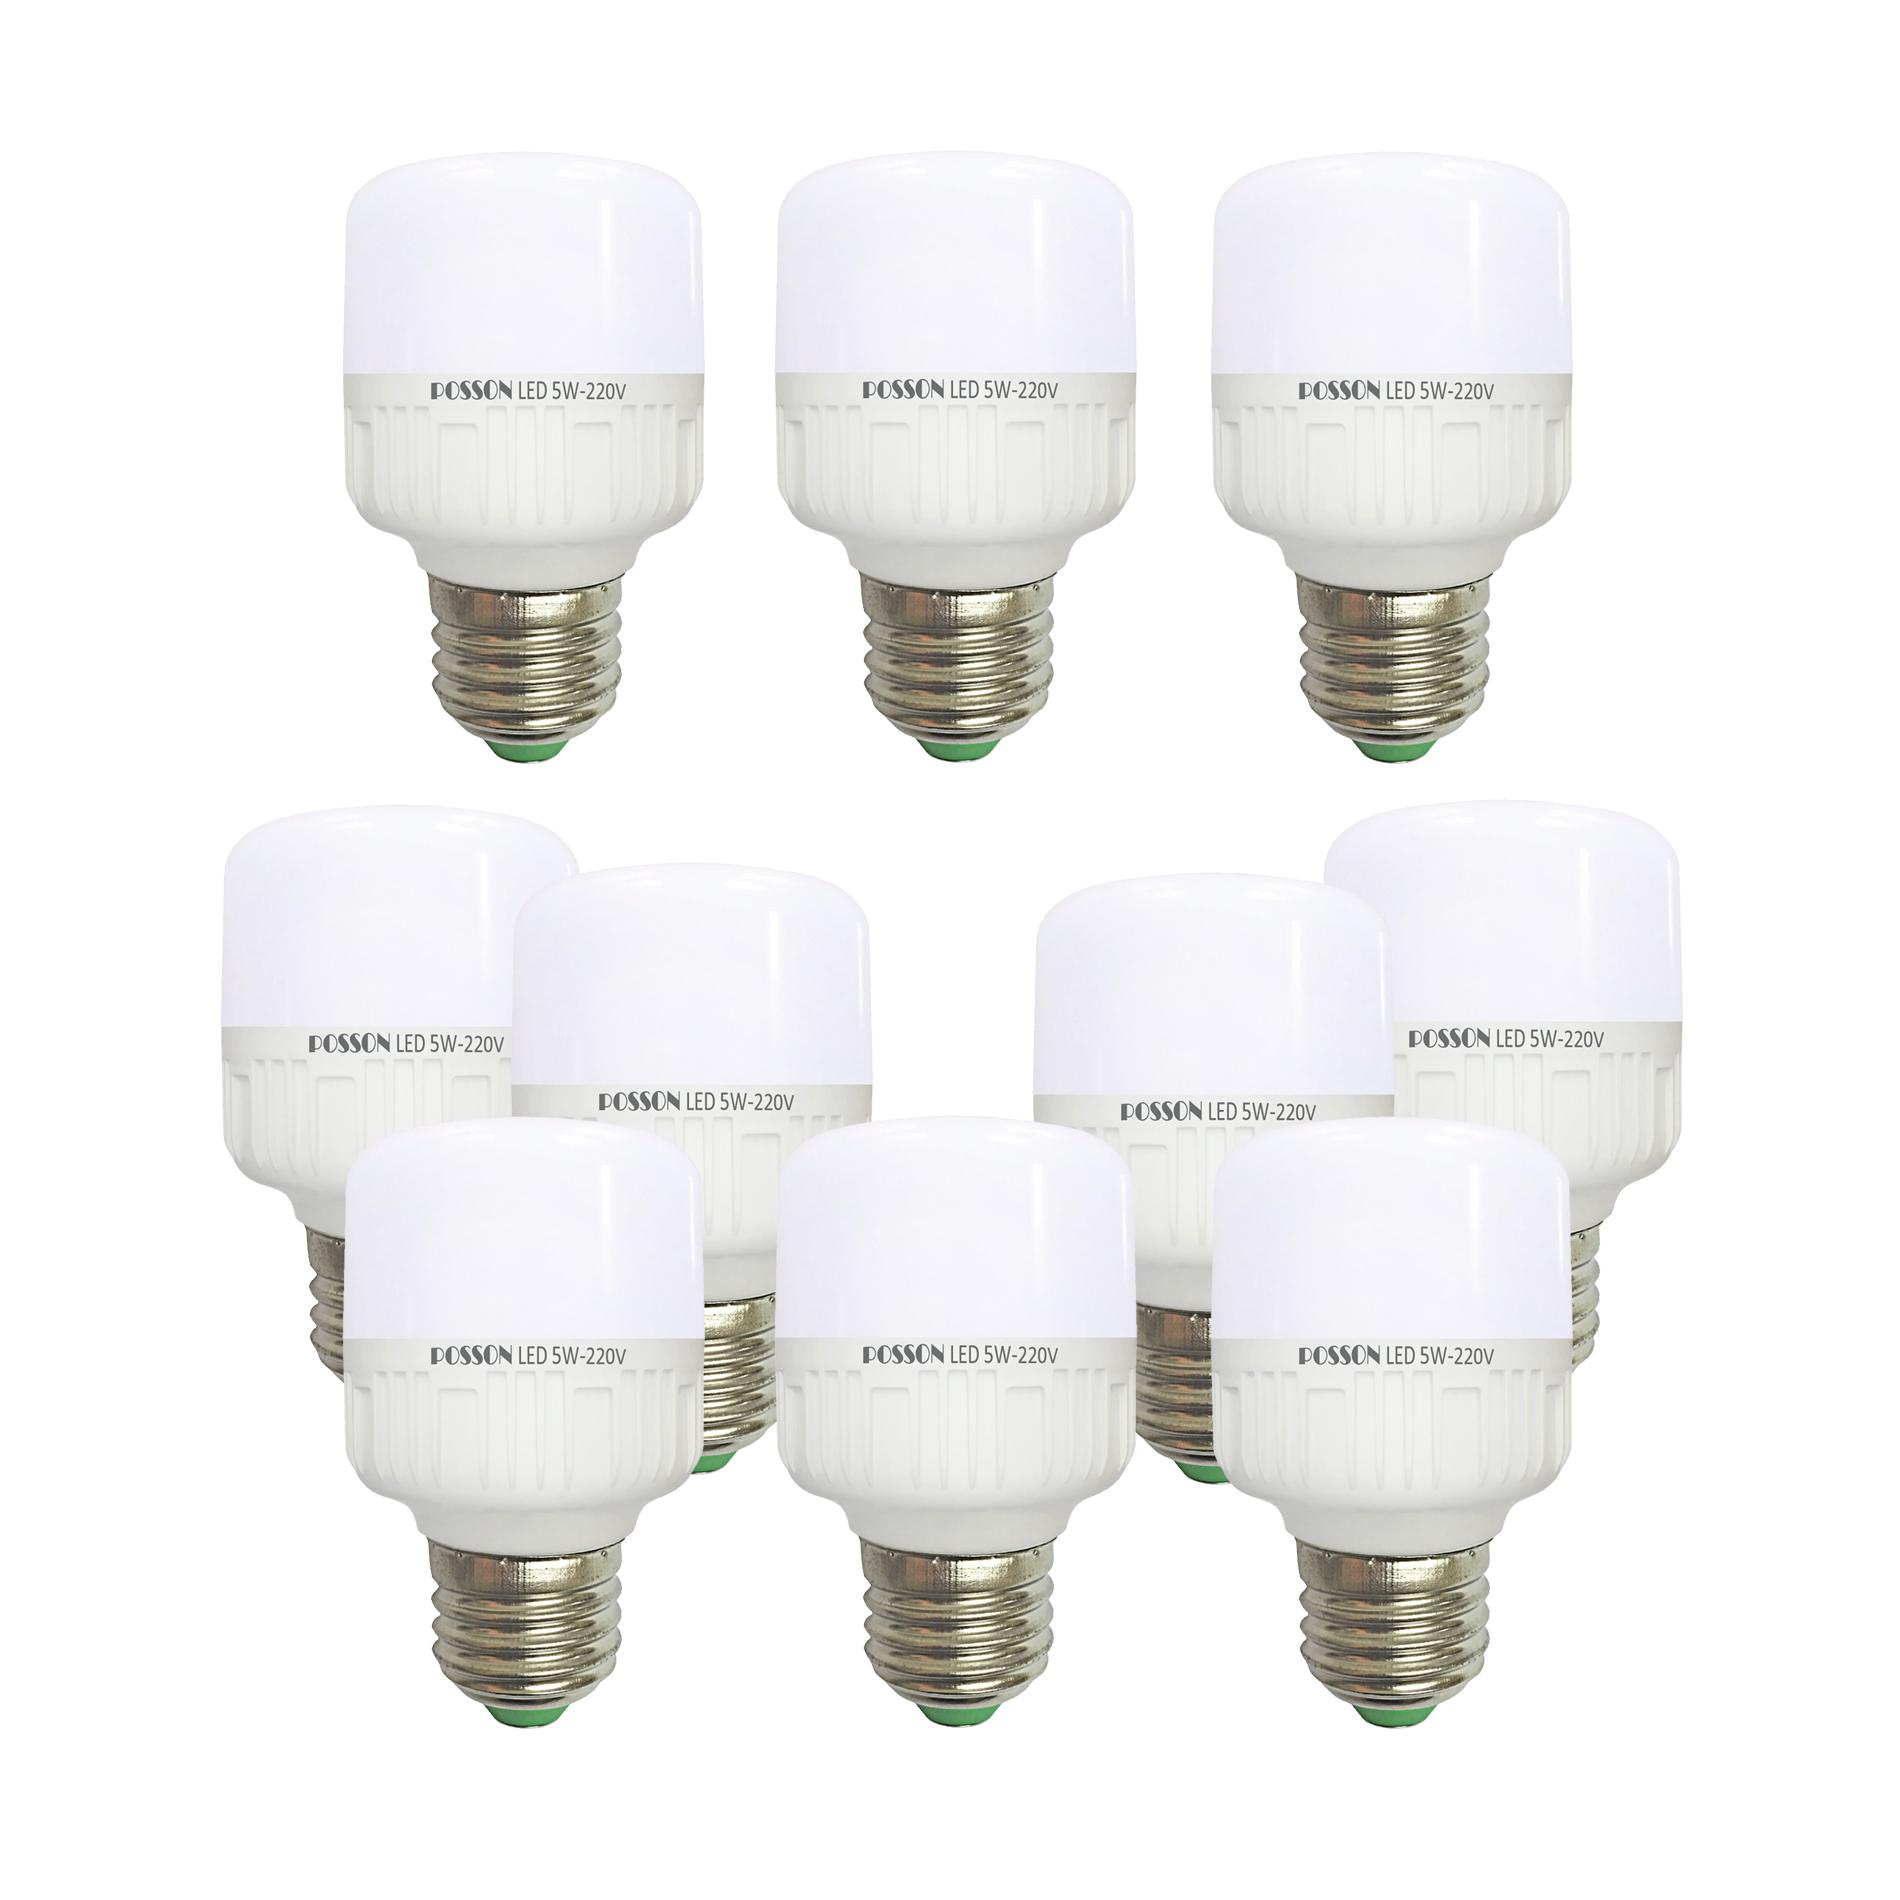 10 Bóng đèn Led trụ 5w tiết kiệm điện sáng trắng-vàng nắng Posson LC-N5-5G